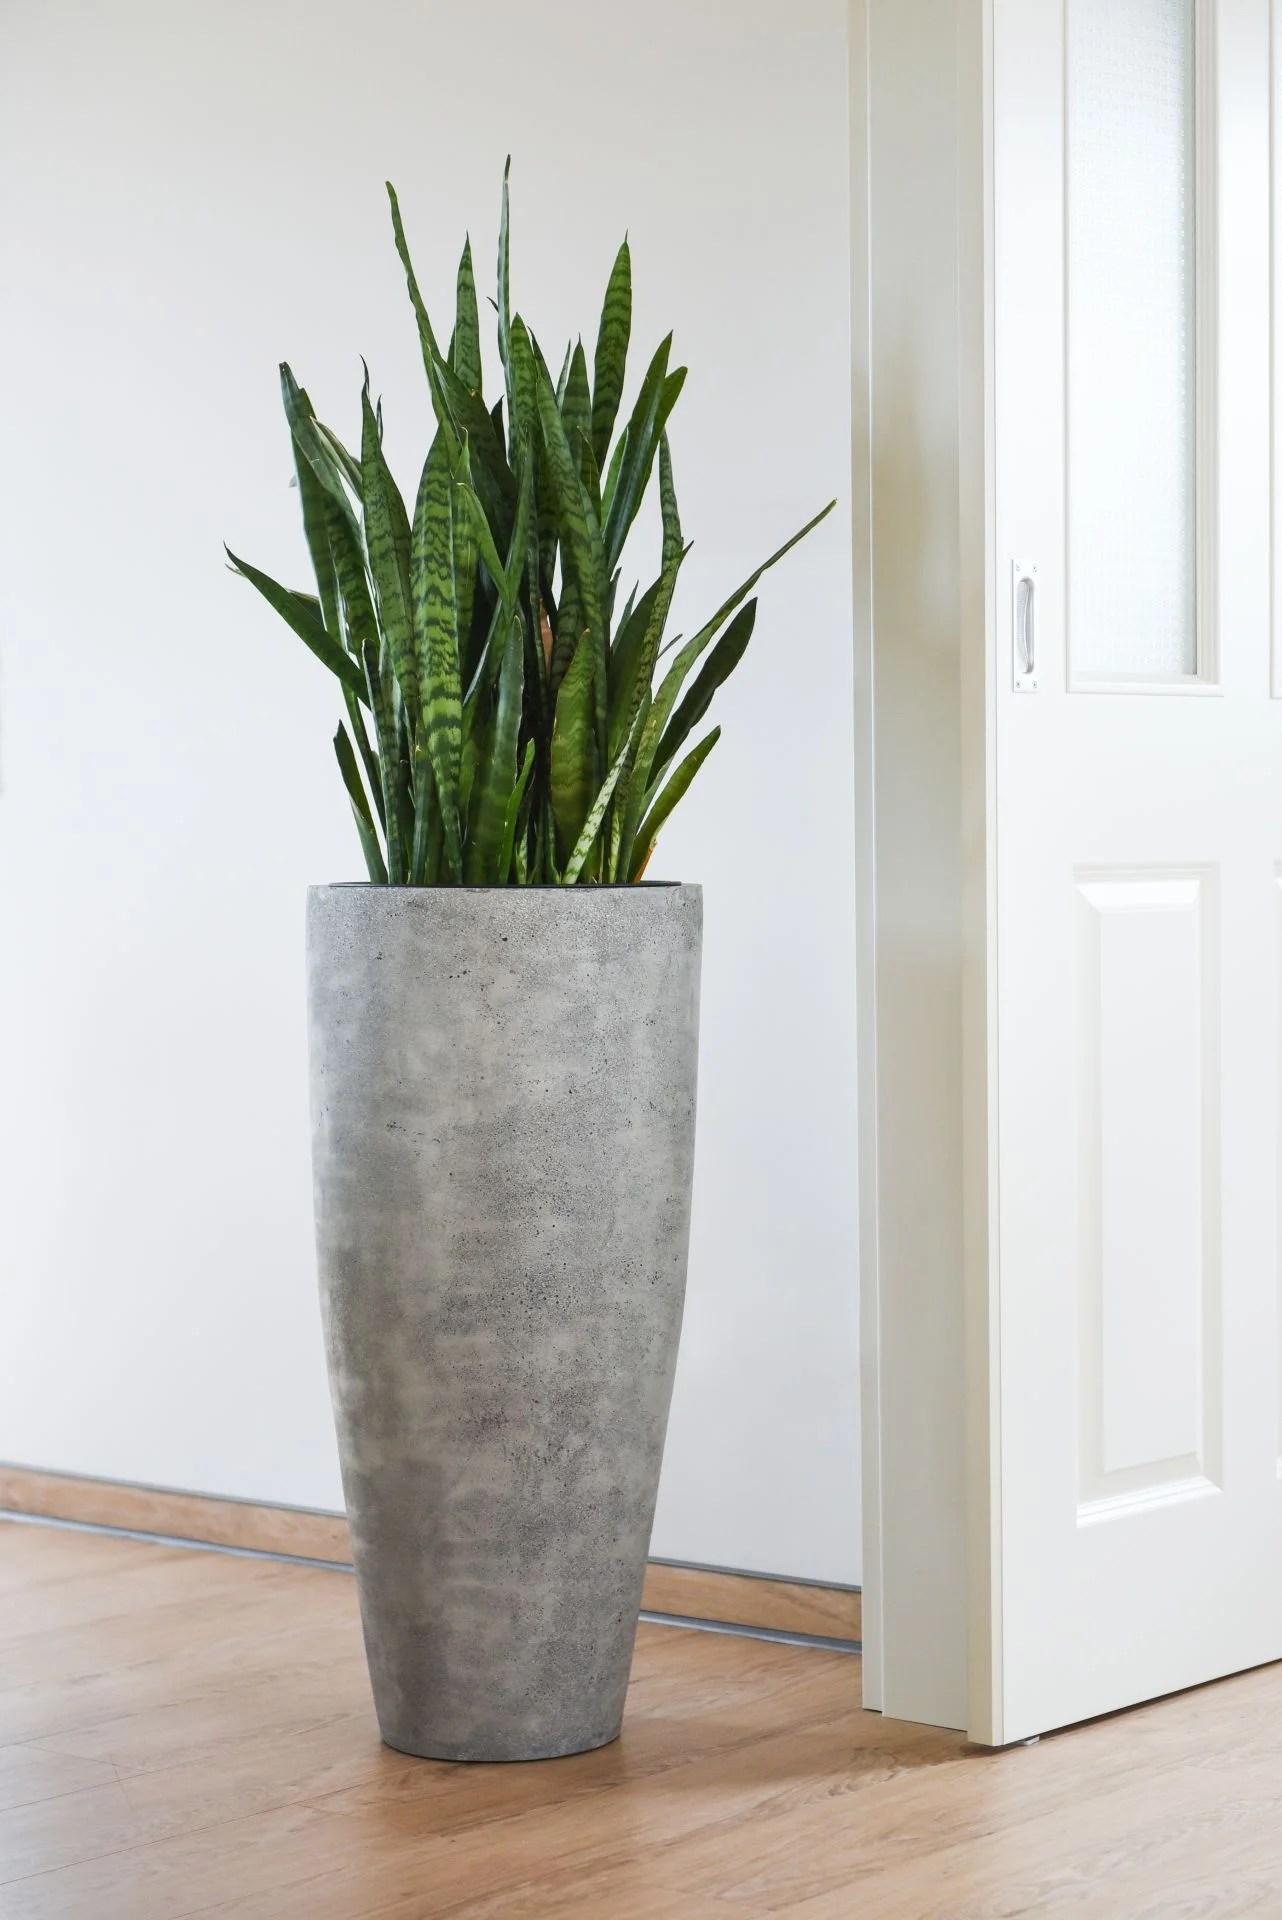 gro e blument pfe f r innen pflanzk bel mit sichtschutz. Black Bedroom Furniture Sets. Home Design Ideas